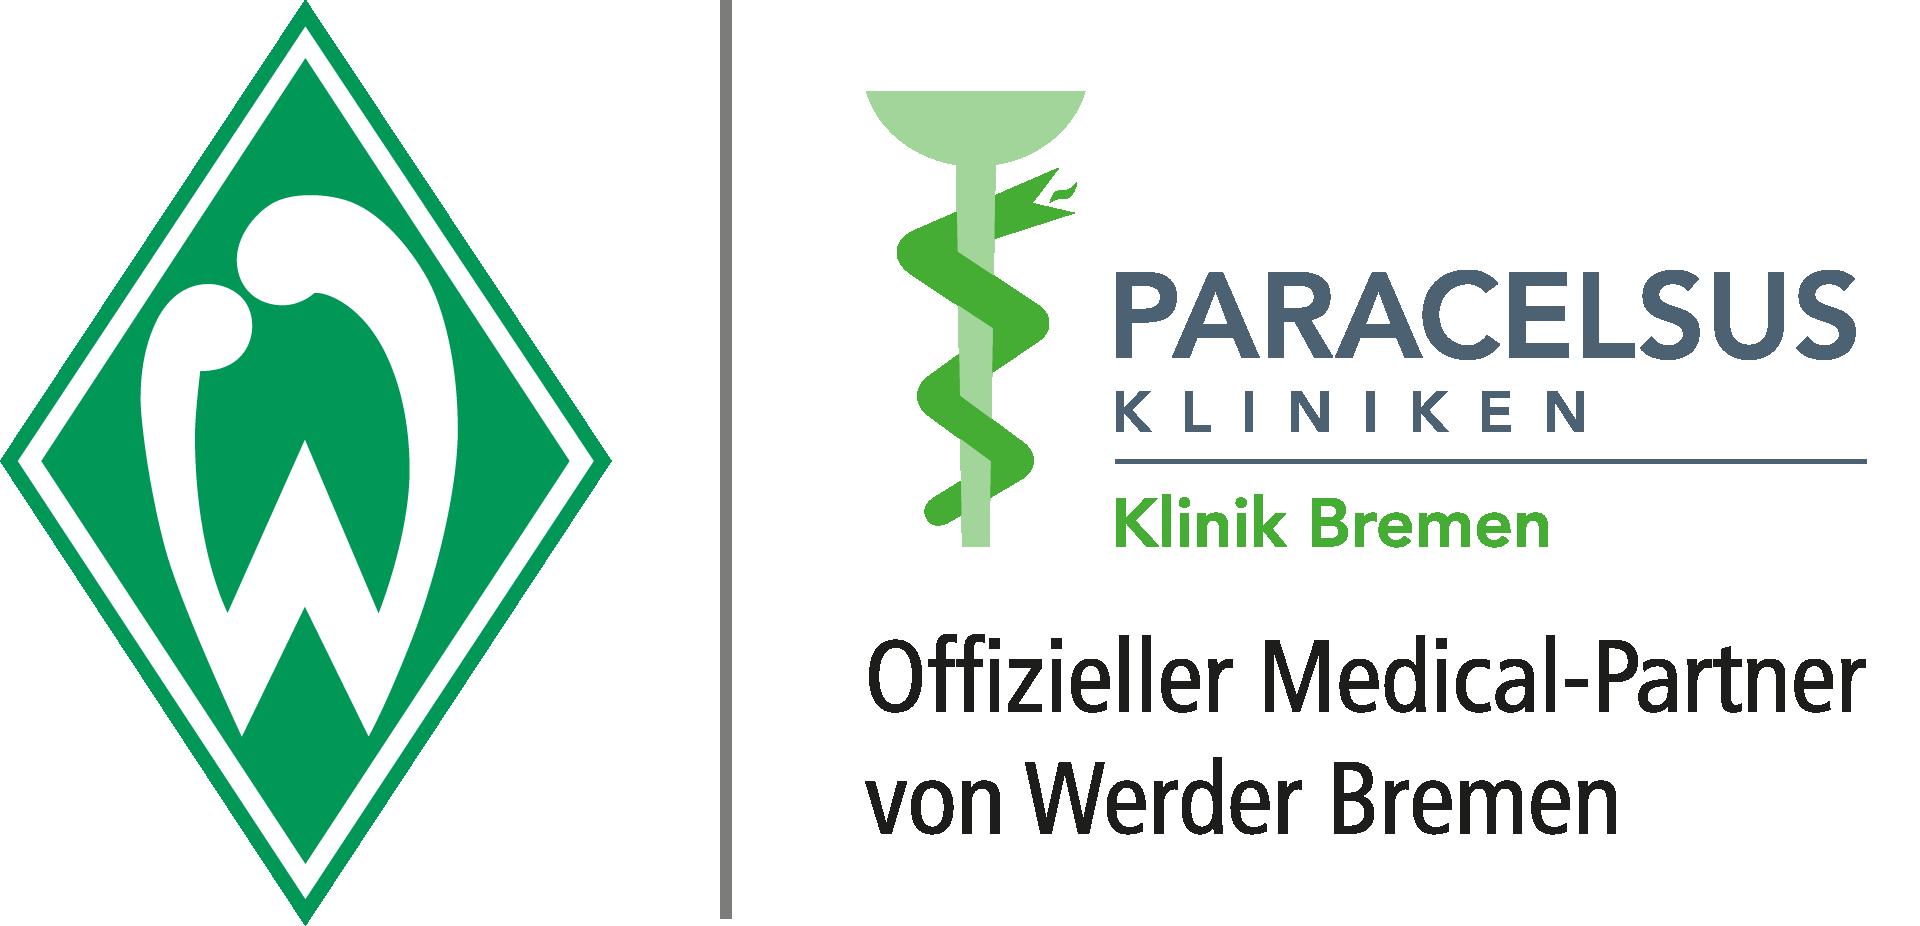 Logo Paracelsus-Kliniken und Werder Bremen